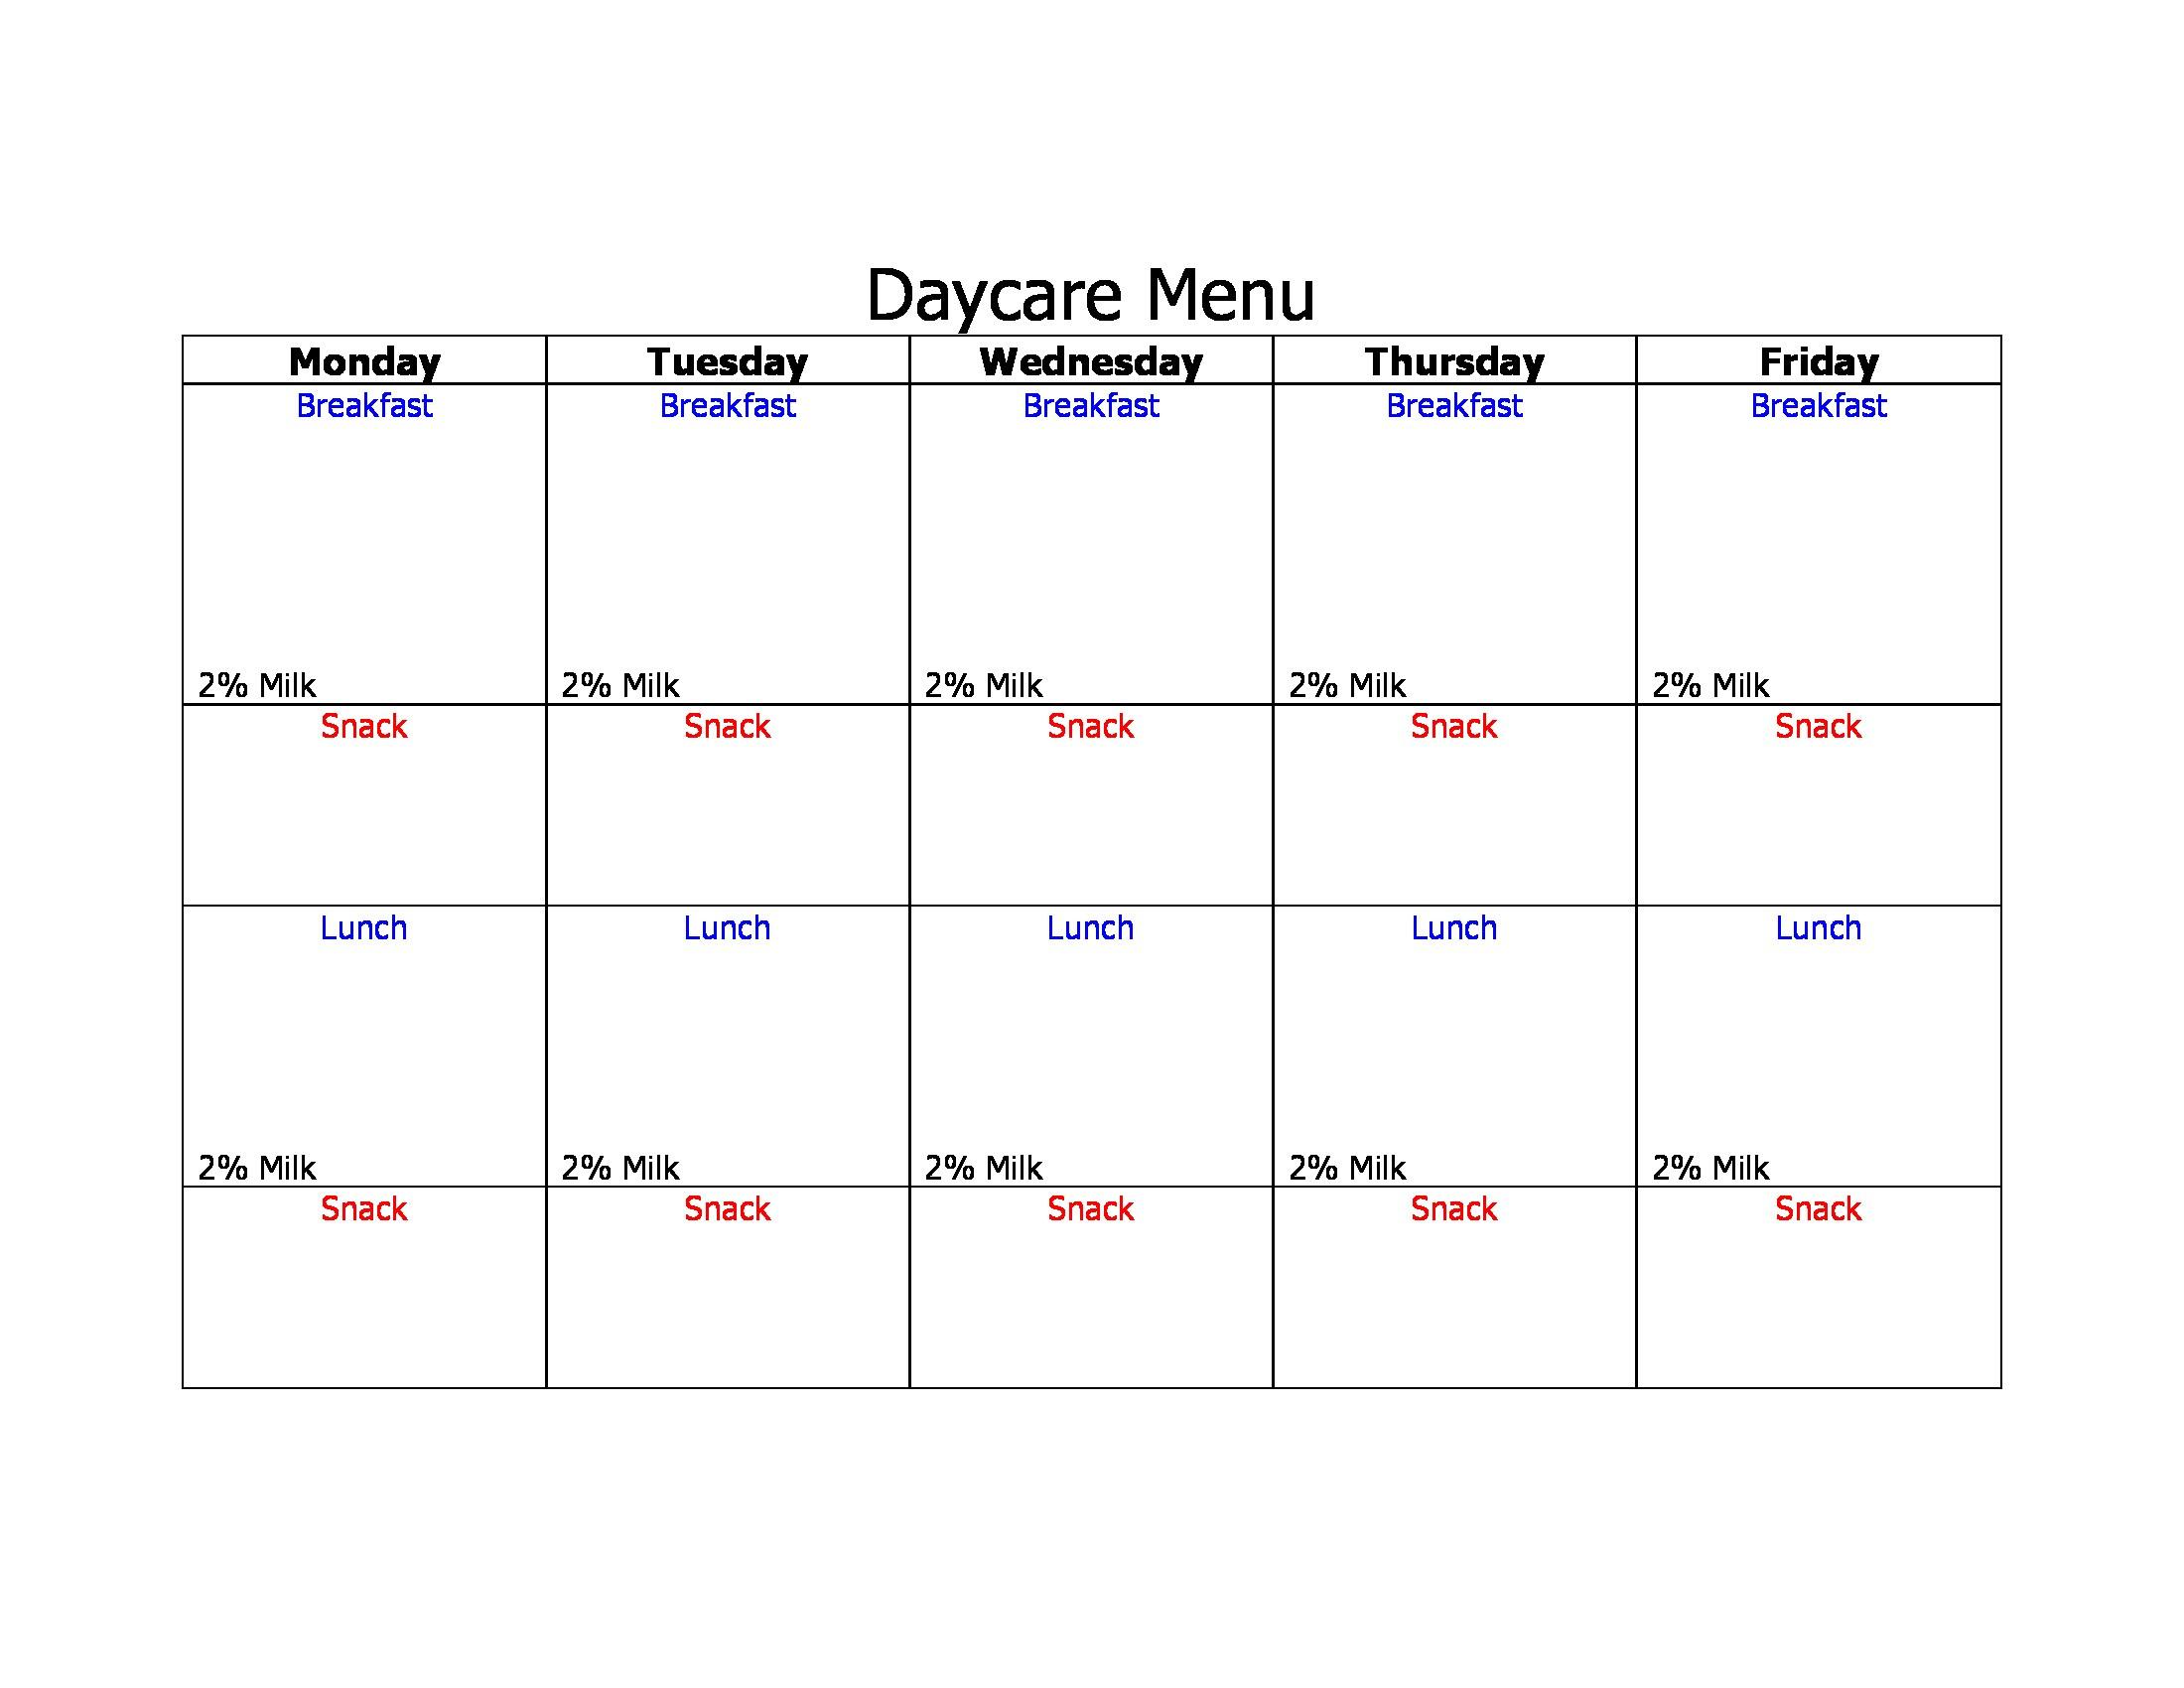 Day Care Blank Menu Forms - Free Printable Daycare Menus